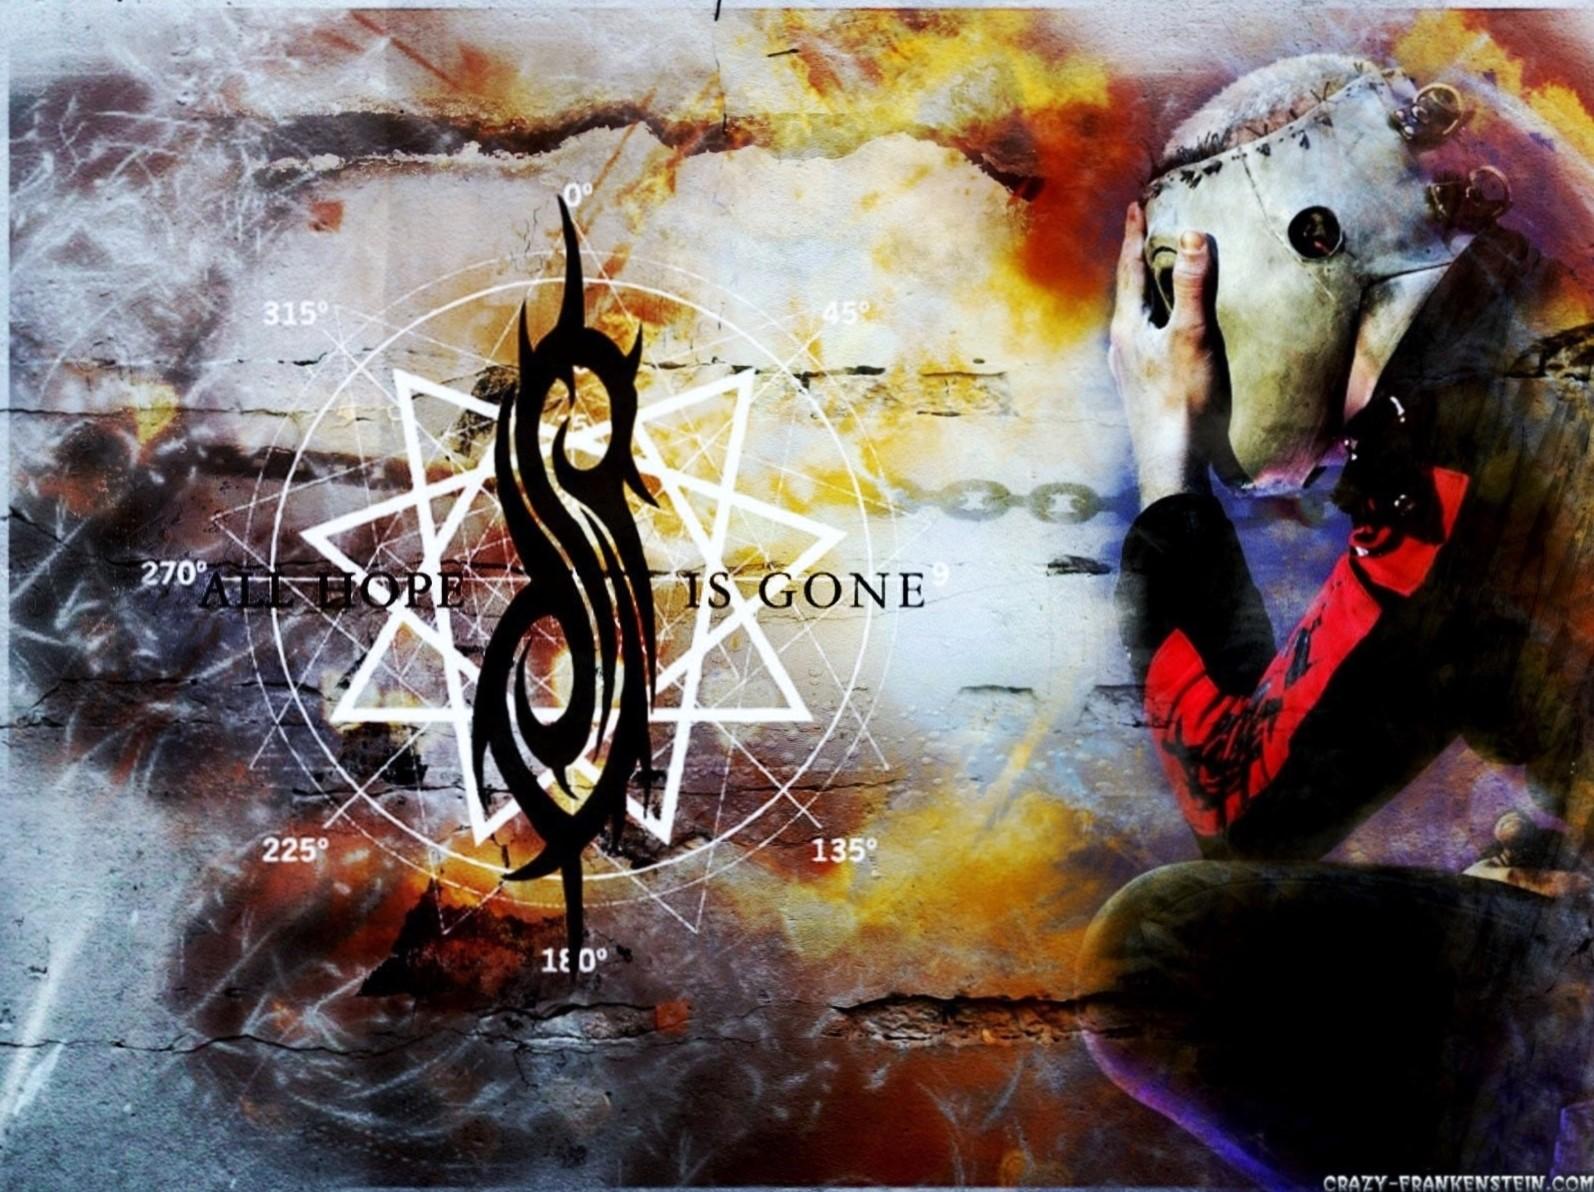 Fantastic Wallpaper Music Painting - Slipknot_artwork_music-41053  Pictures_918485.jpg!d